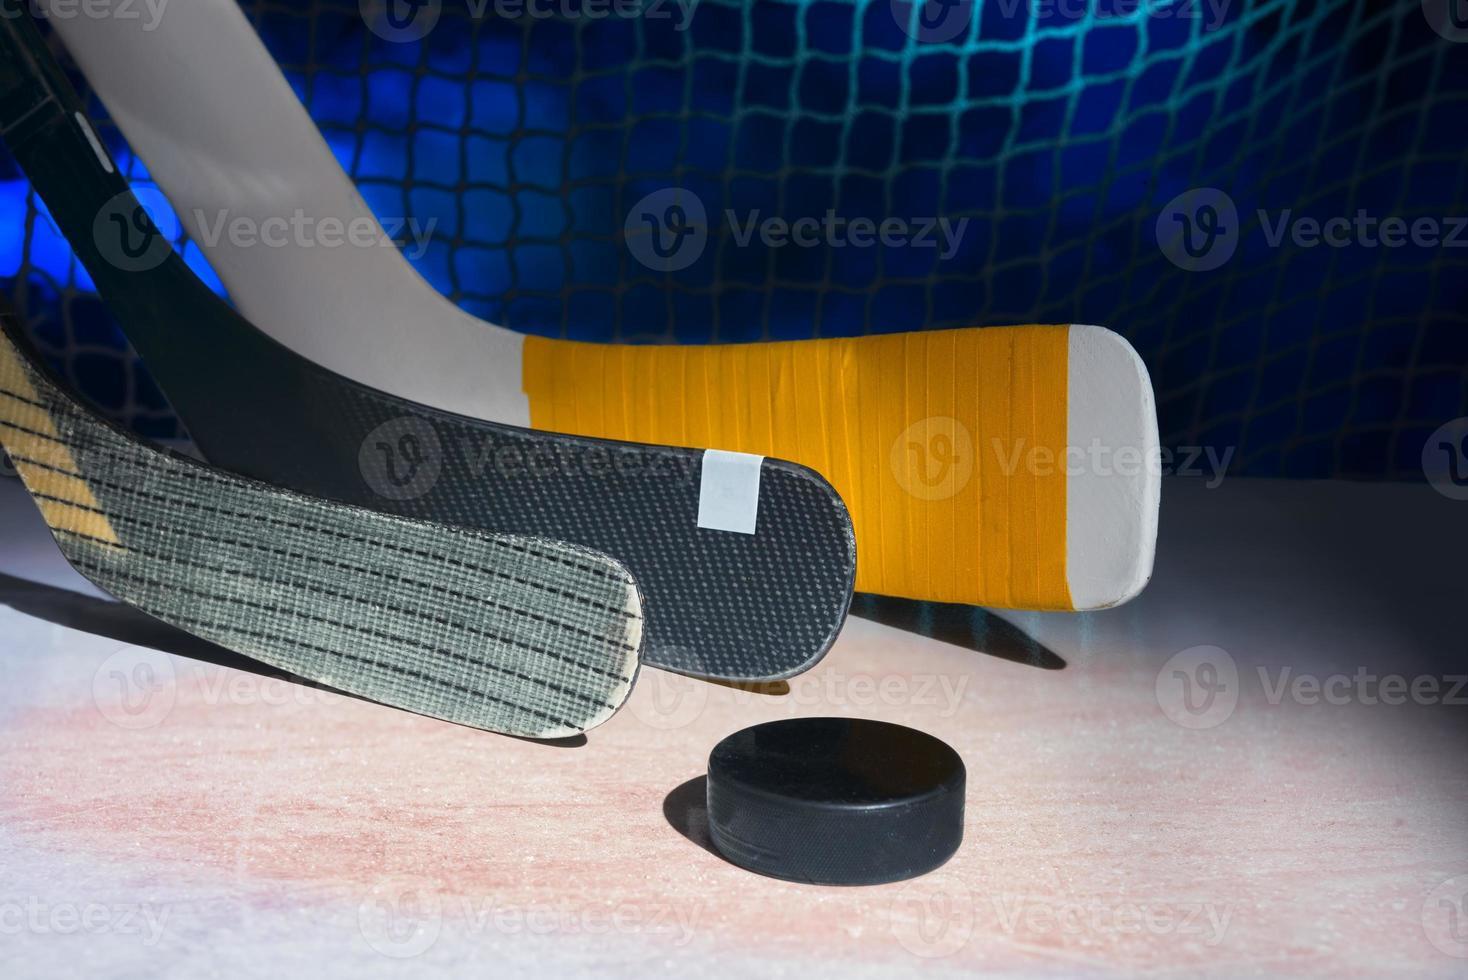 tres palos de hockey foto